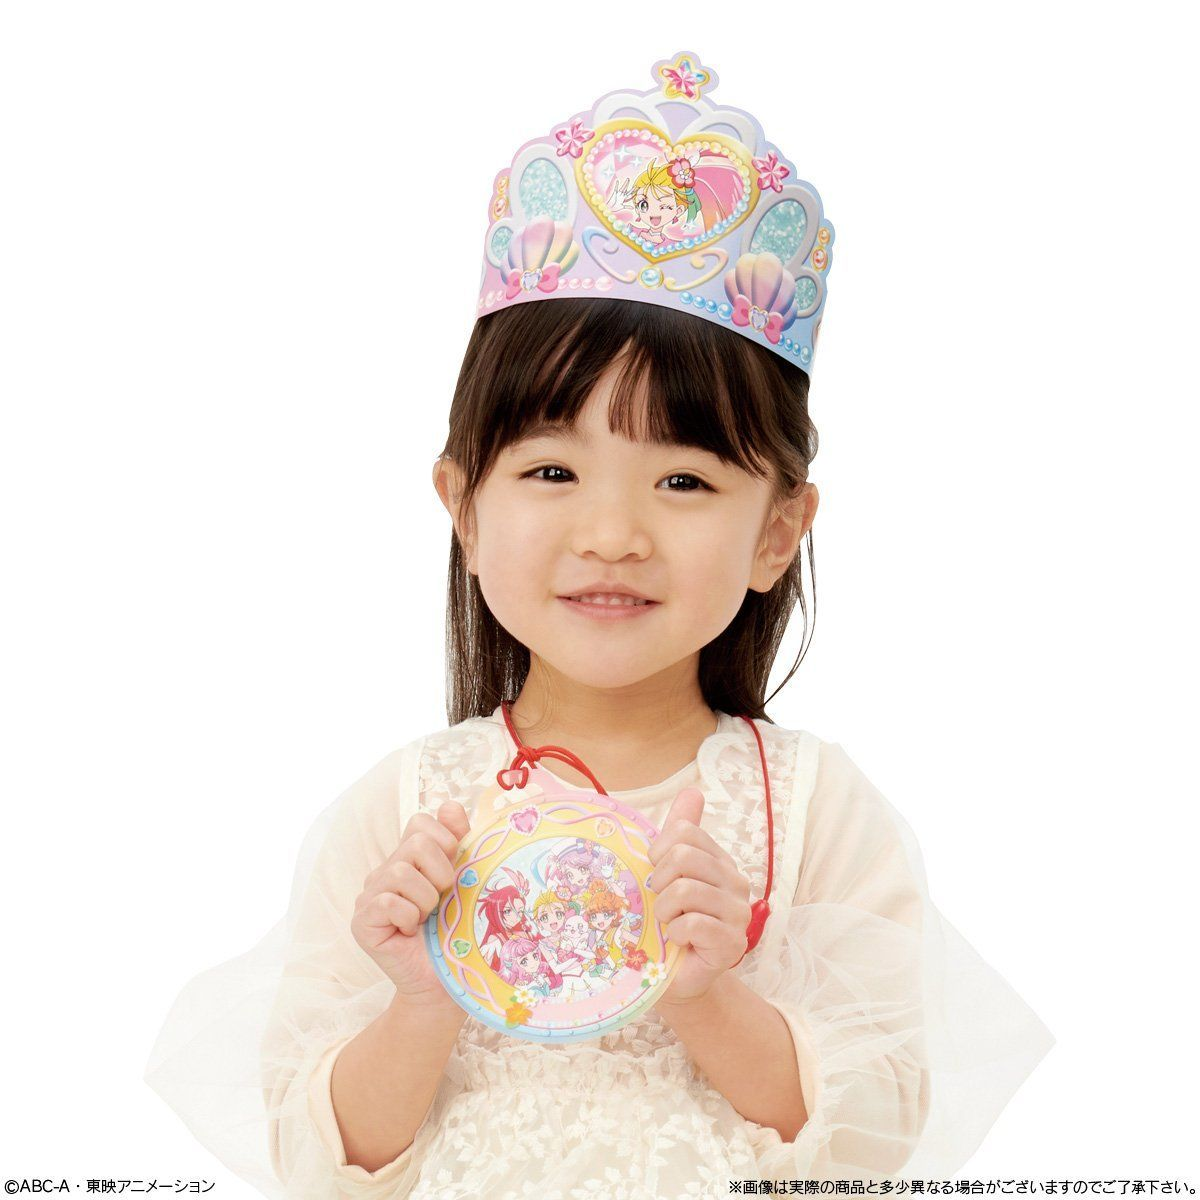 キャラデコパーティーケーキ  トロピカル〜ジュ!プリキュア (チョコクリーム)(5号サイズ)_3